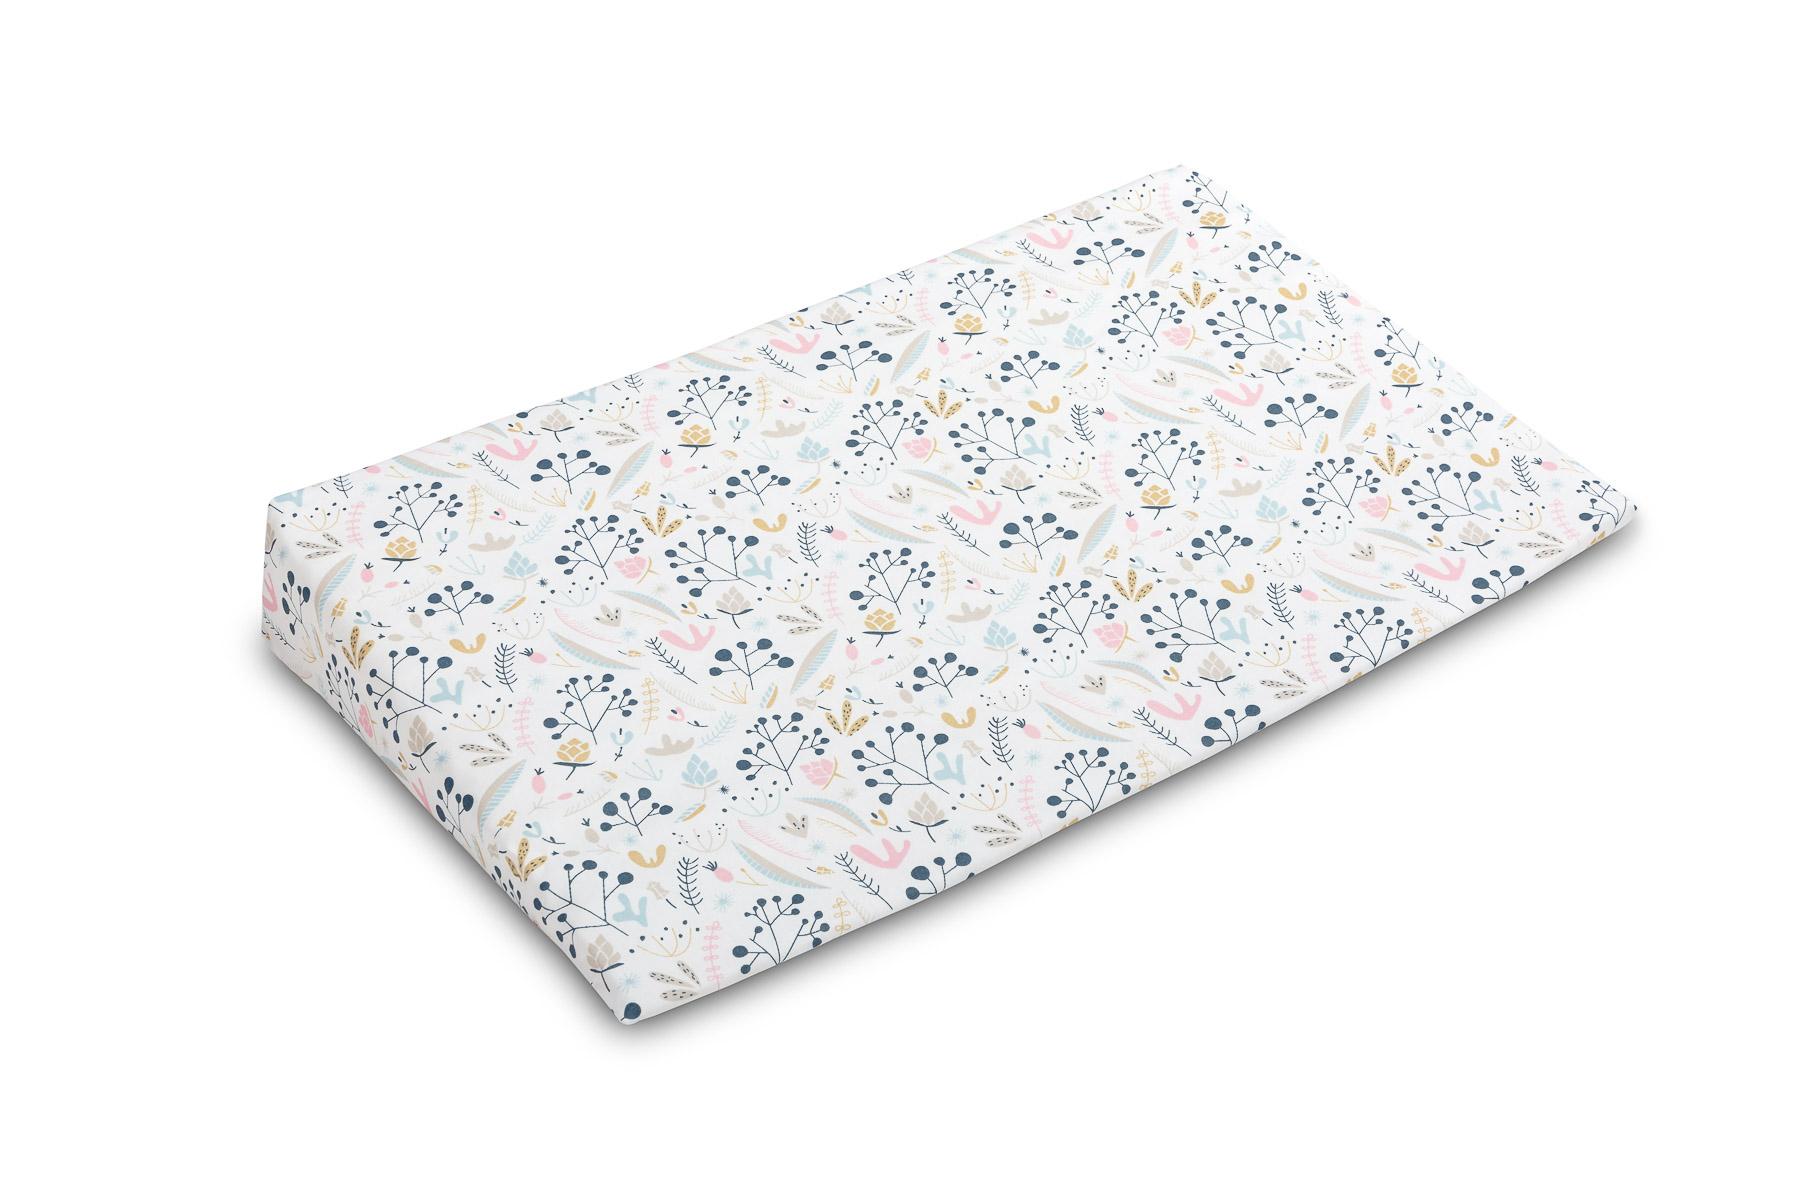 38×60 Wedge Pillowcase – rowan